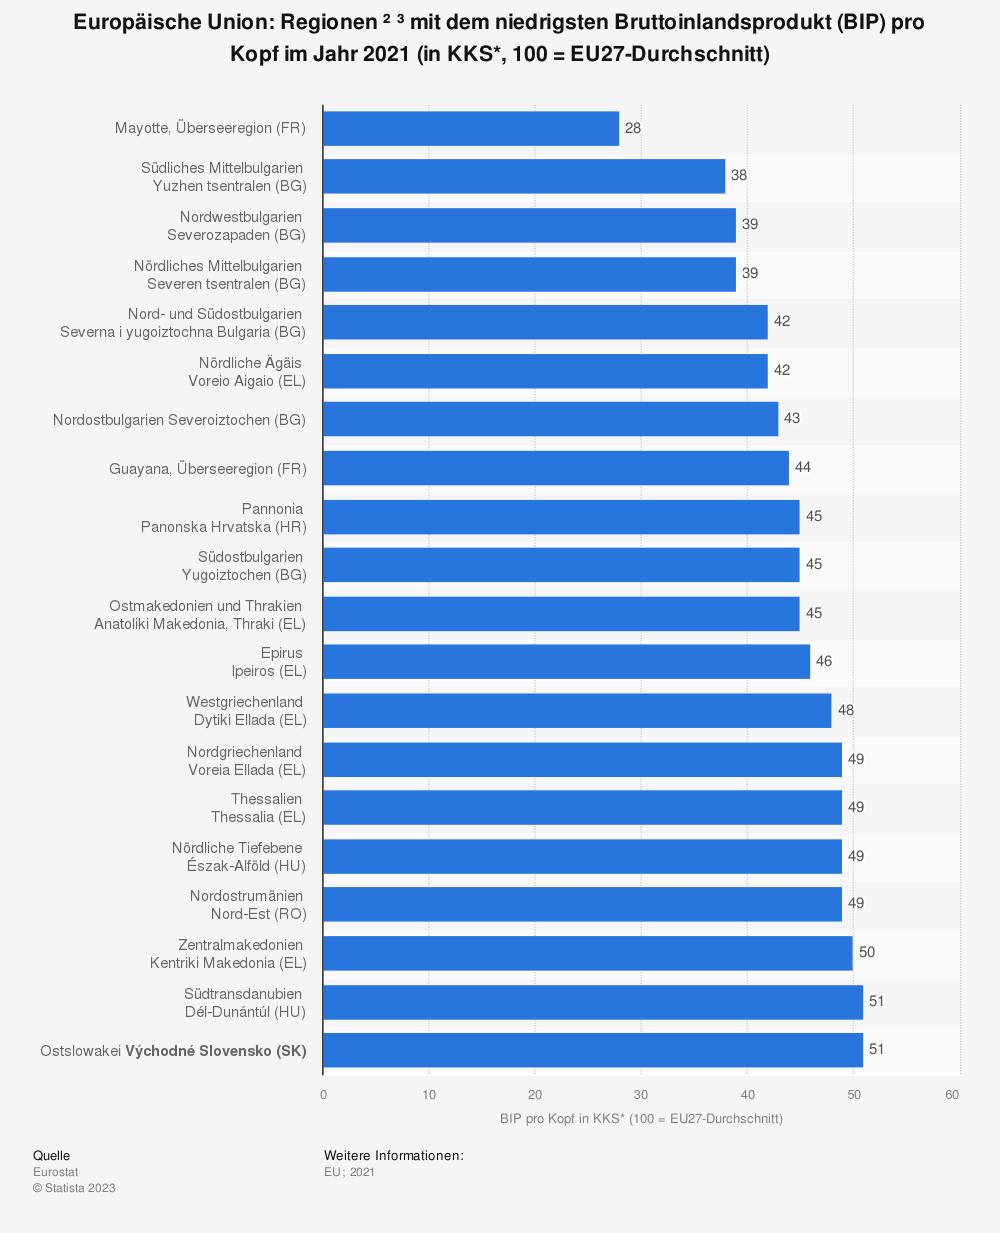 Statistik: Europäische Union: Regionen mit dem niedrigsten Bruttoinlandsprodukt (BIP) pro Kopf im Jahr 2016 (in KKS*, 100 = EU-Durchschnitt) | Statista